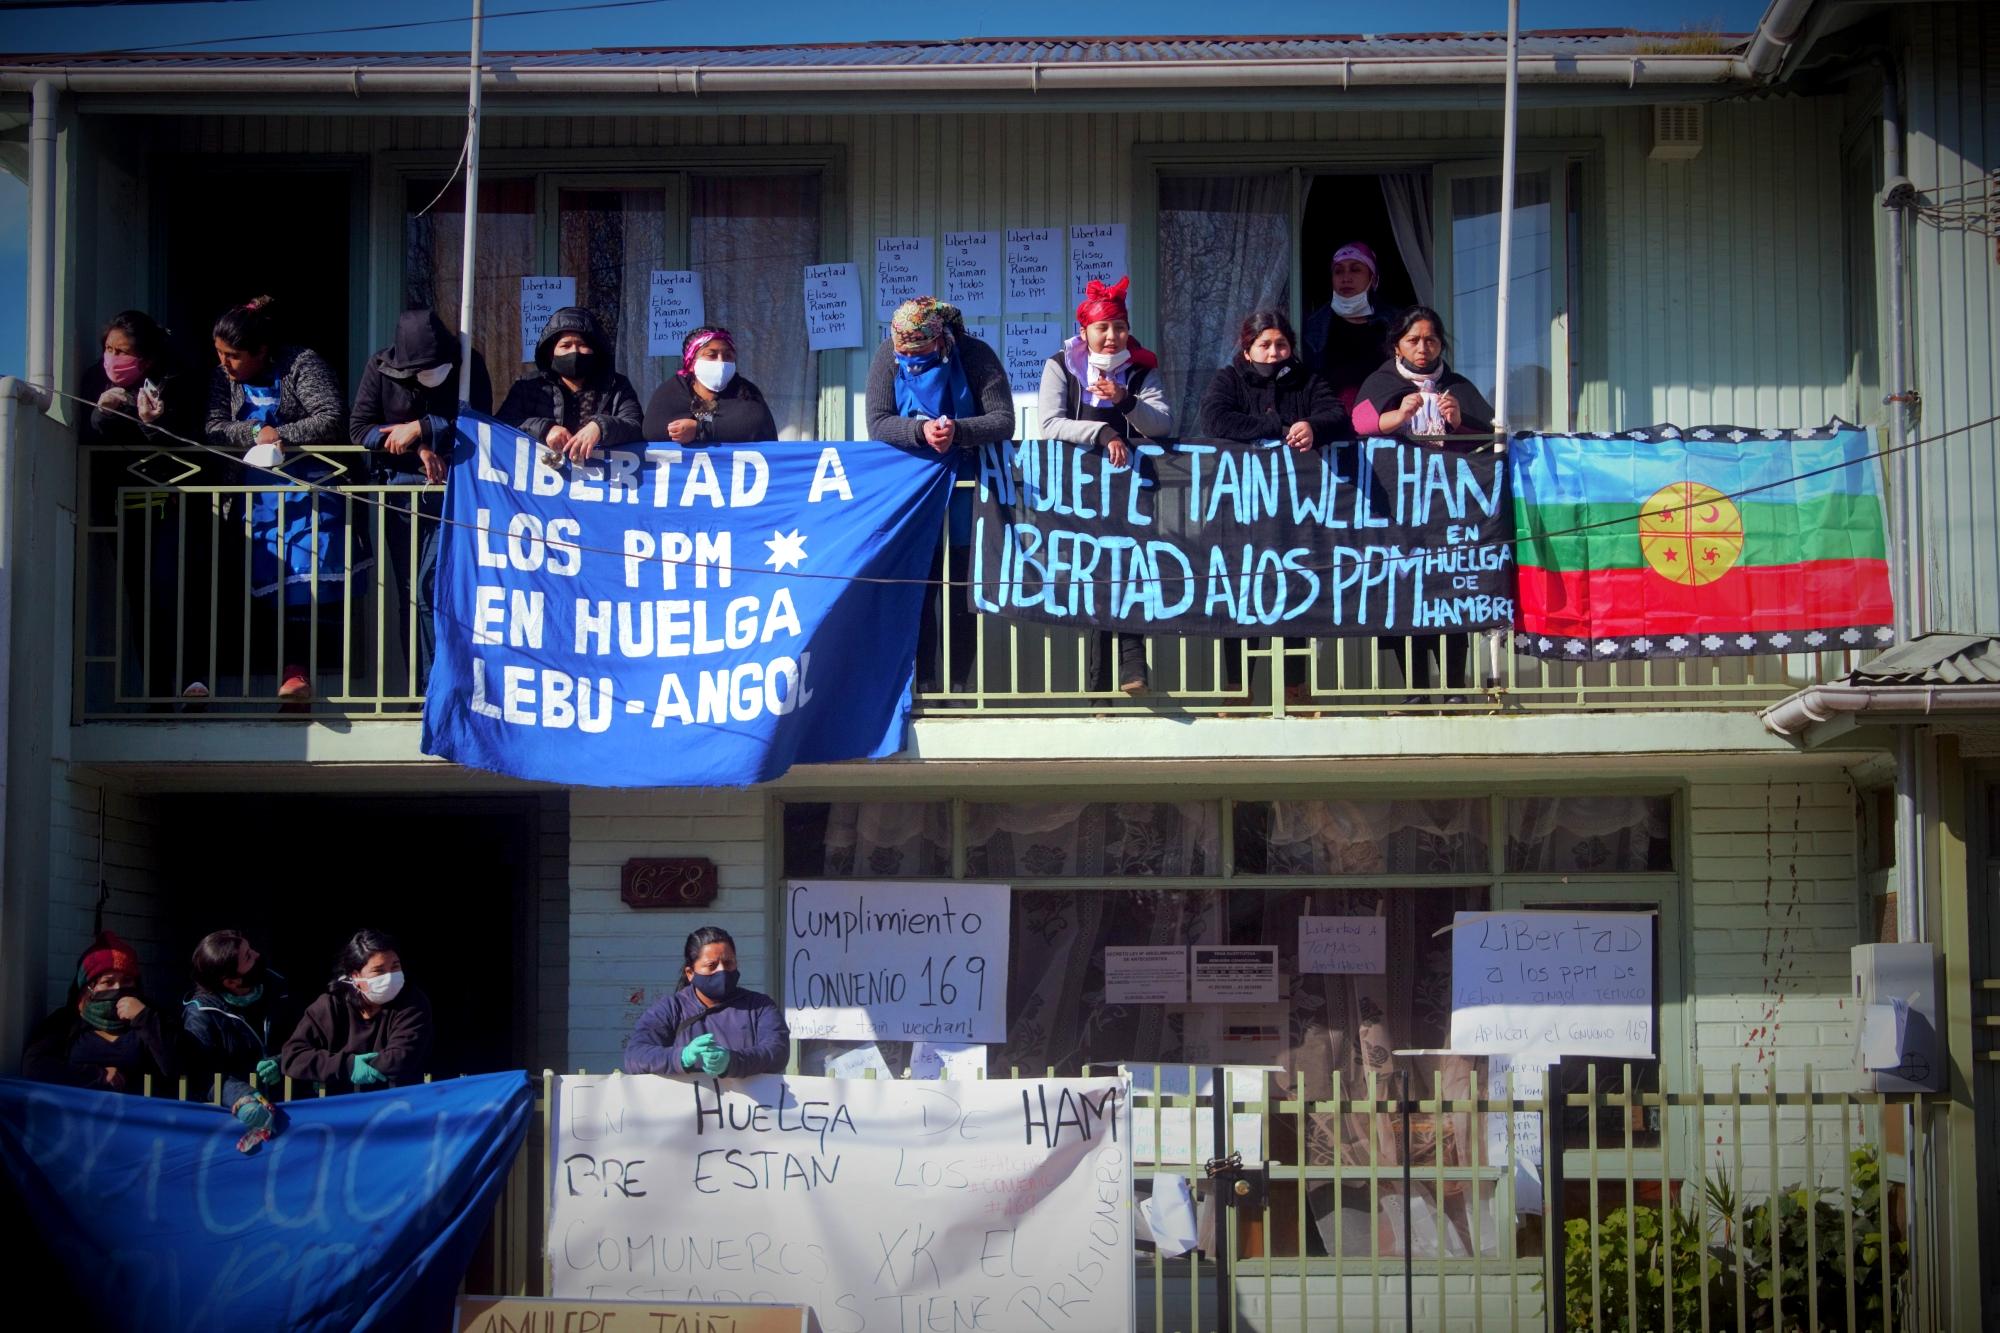 Jaime Castillo Petruzzi se define a sí mismo como un activista por la defensa de los derechos humanos y por la libertad de todos los presos políticos, en particular los del pueblo mapuche que han sido encarcelados por sus reivindicaciones. Foto: Julio César Parra.